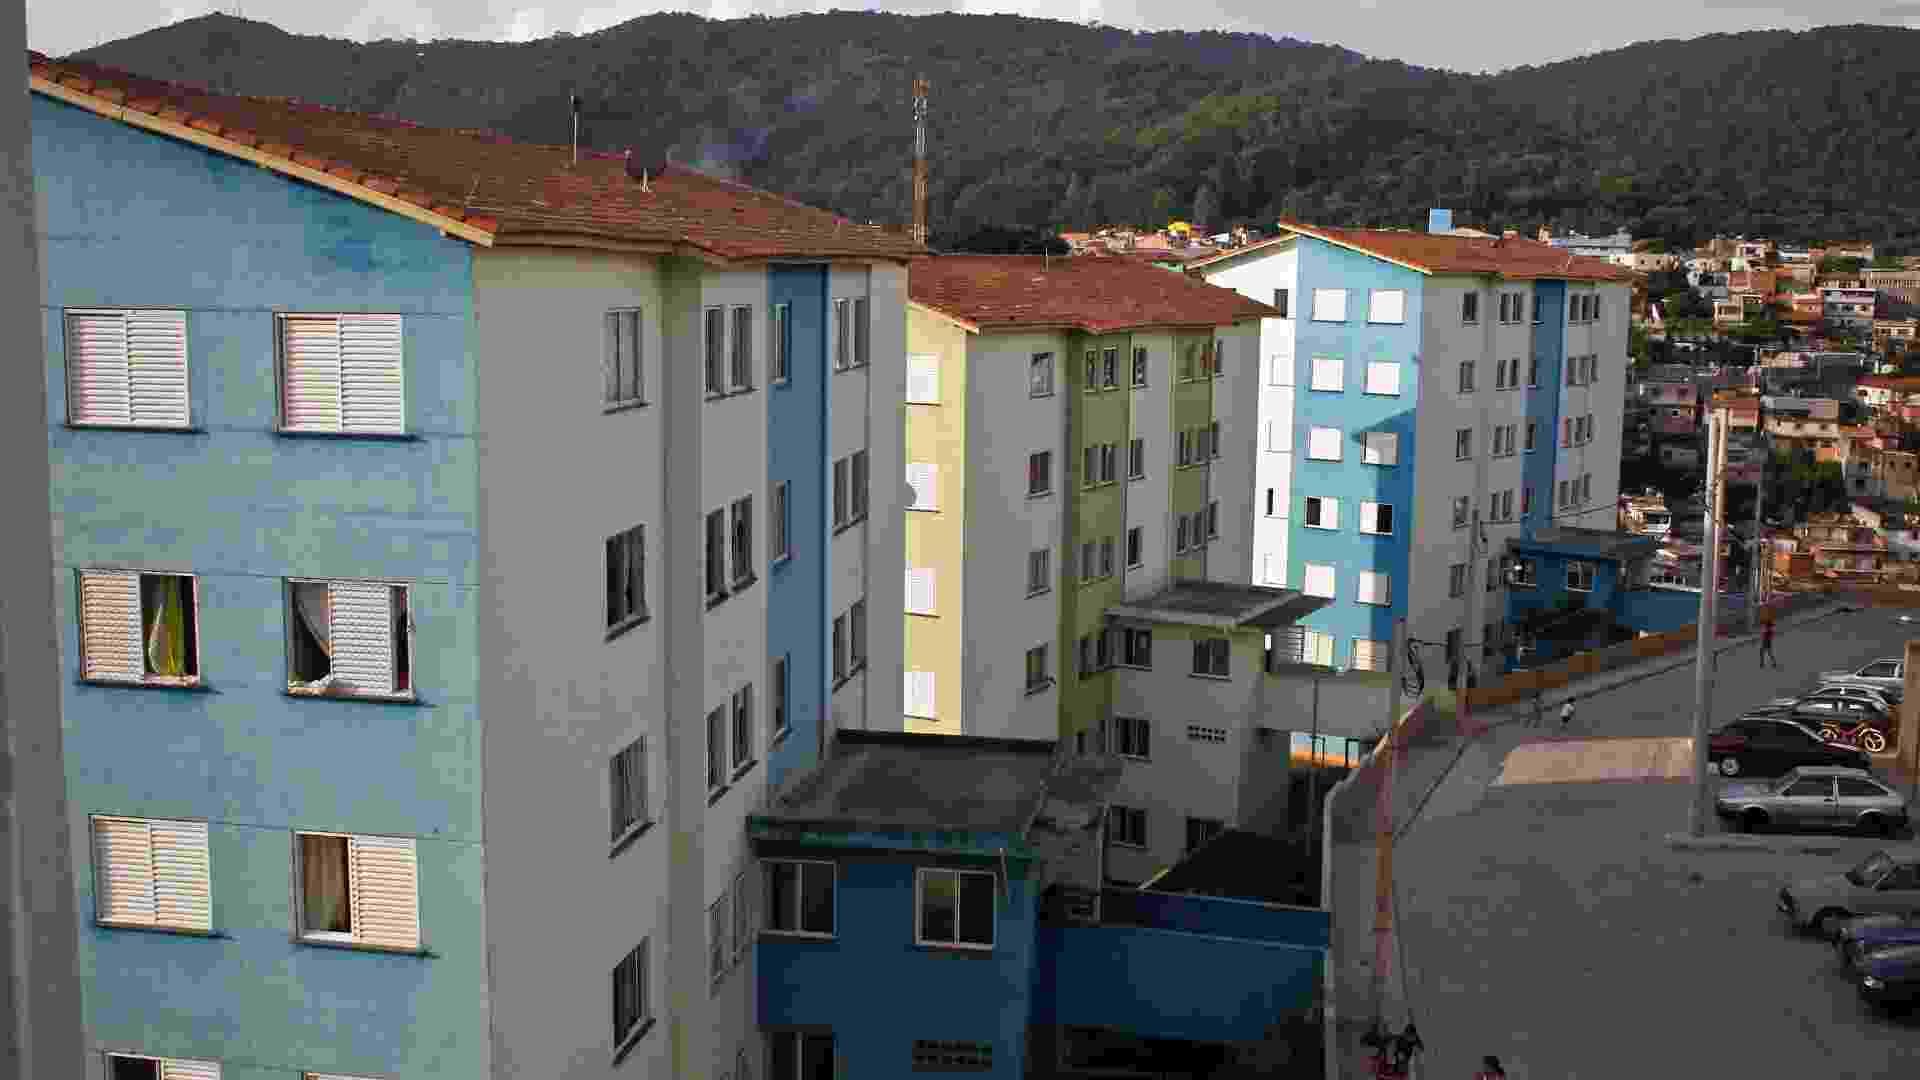 Entregues a pouco mais de um ano pela CDHU, os prédios do conjunto Brasilândia B34 acumulam vários problemas - Leandro Moraes/UOL